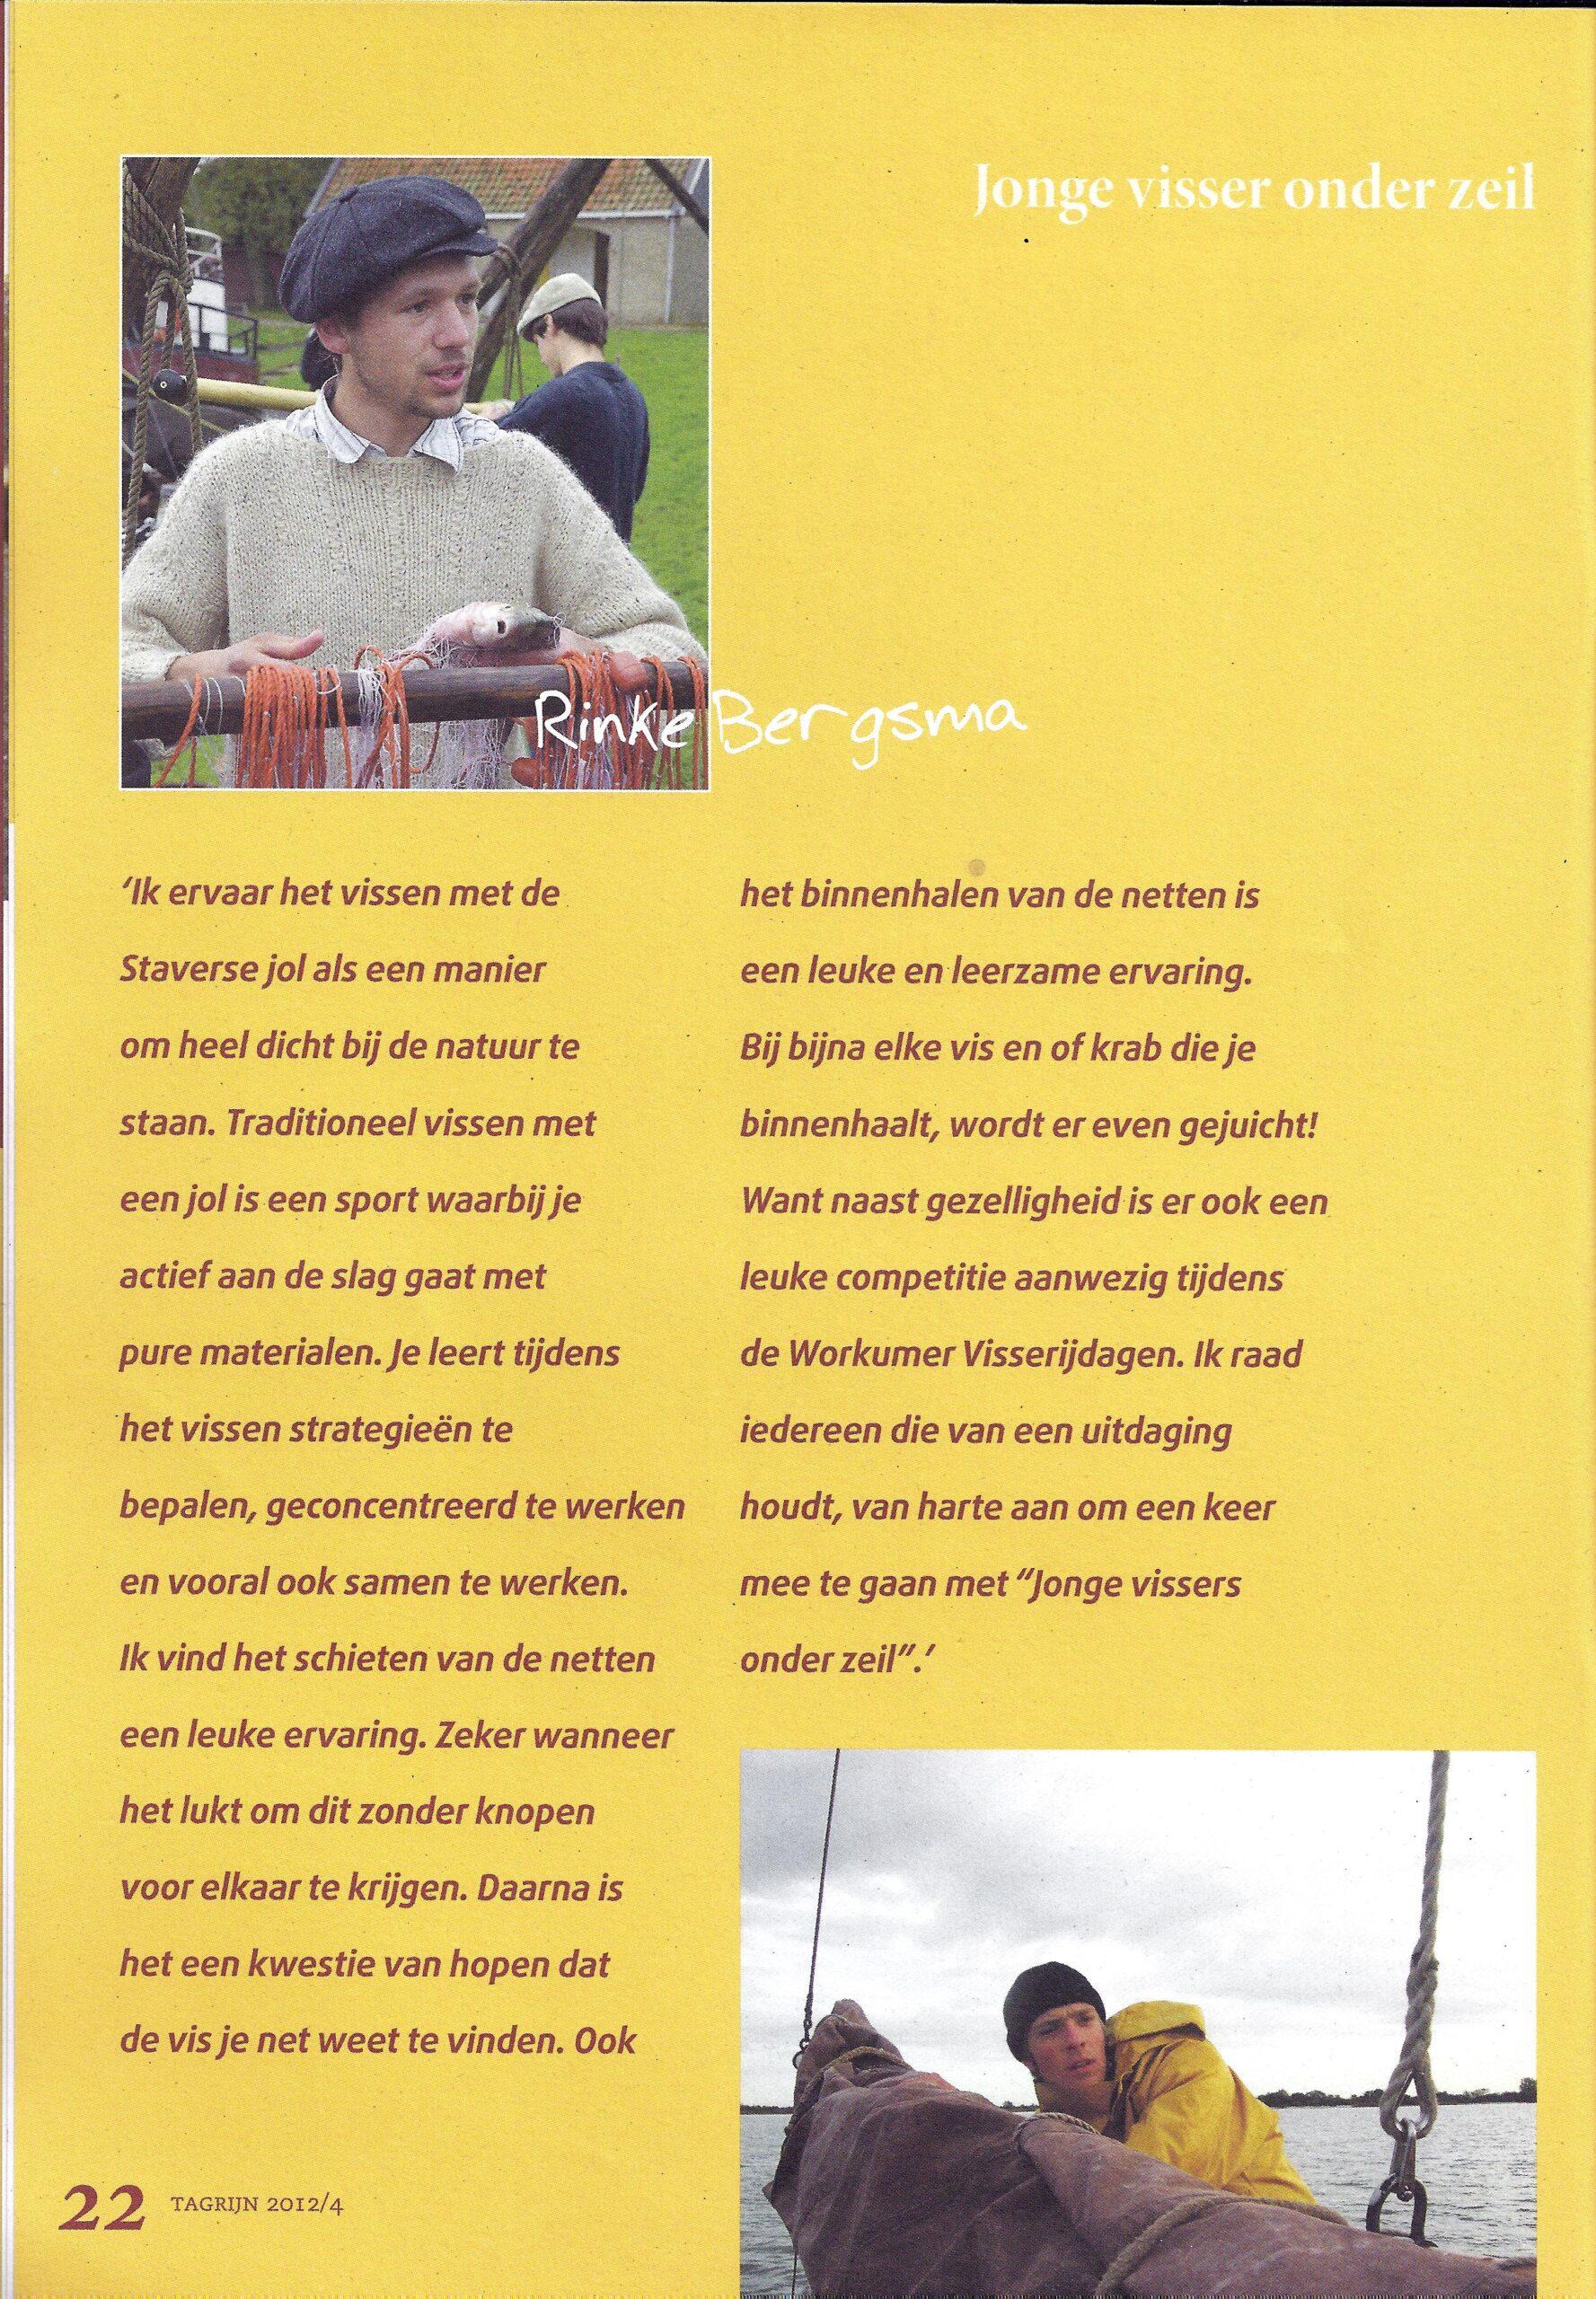 Tagrijn 2012 Jonge Visser onder zeil | Pagina 3.